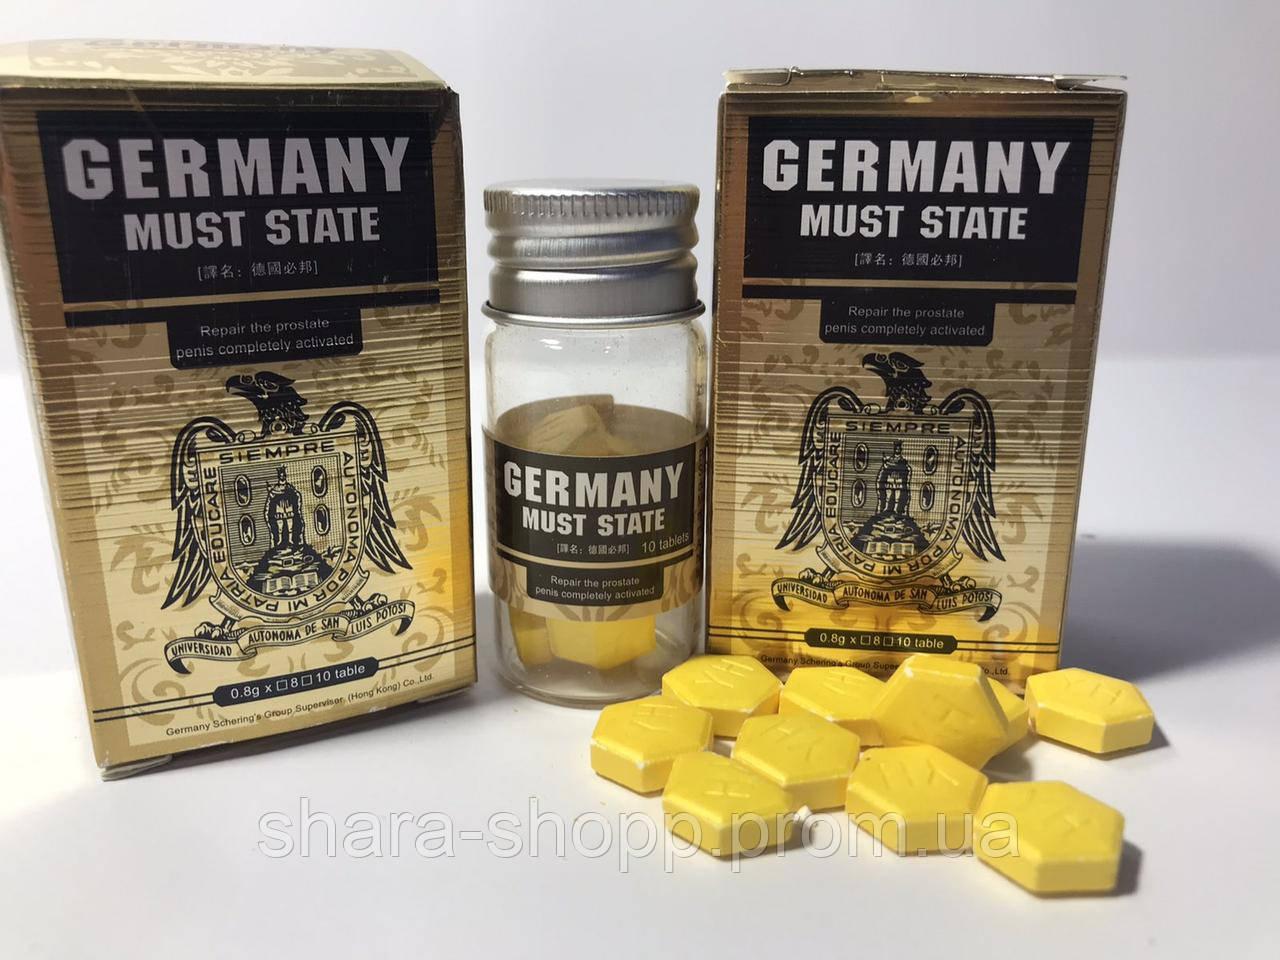 Препараты для повышения потенции 10 шт Таблетки для секса  GERMANY MUST STATE